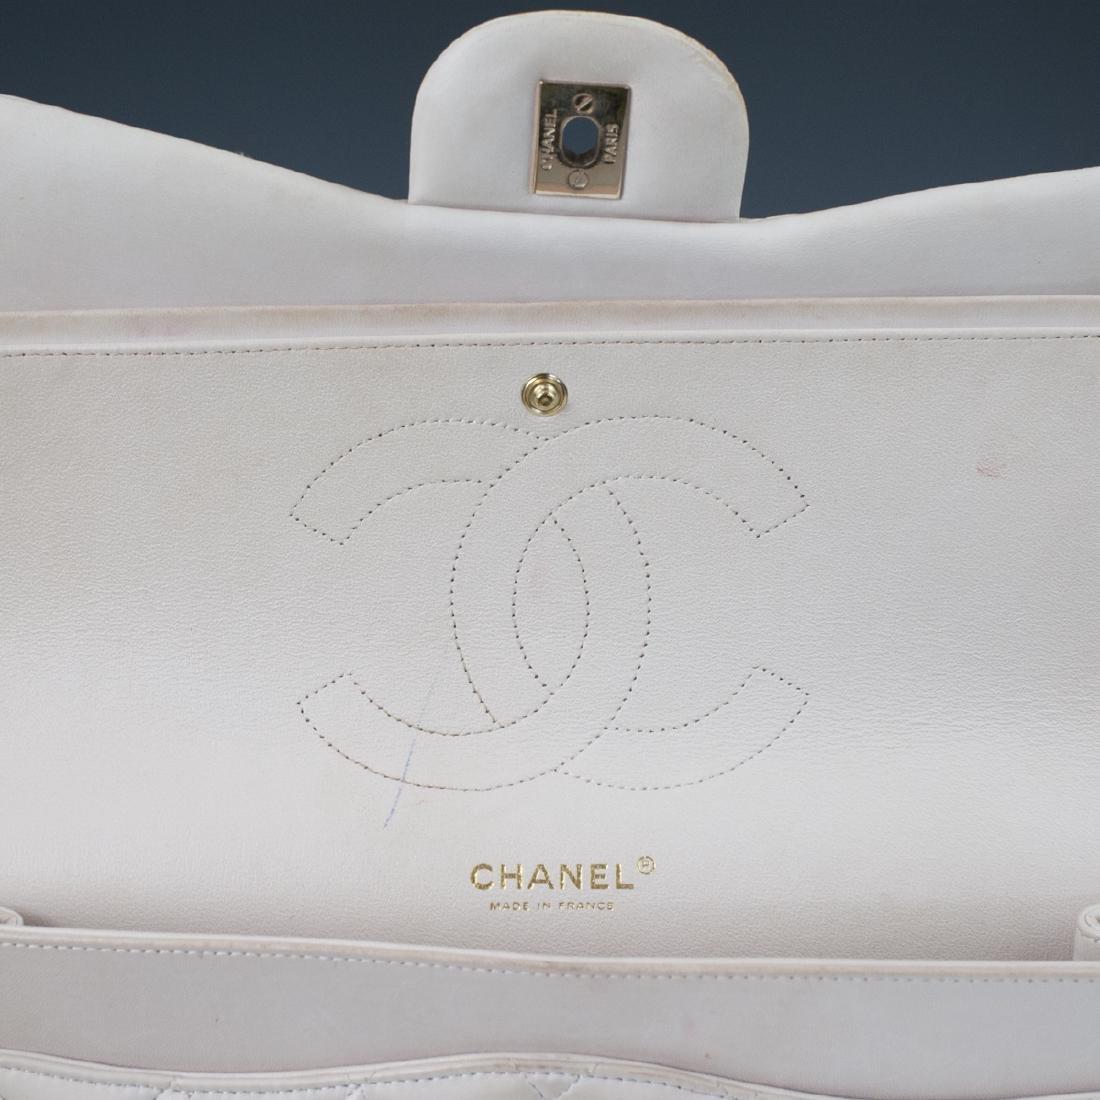 Chanel Light Beige Calfskin Flap Bag - 2